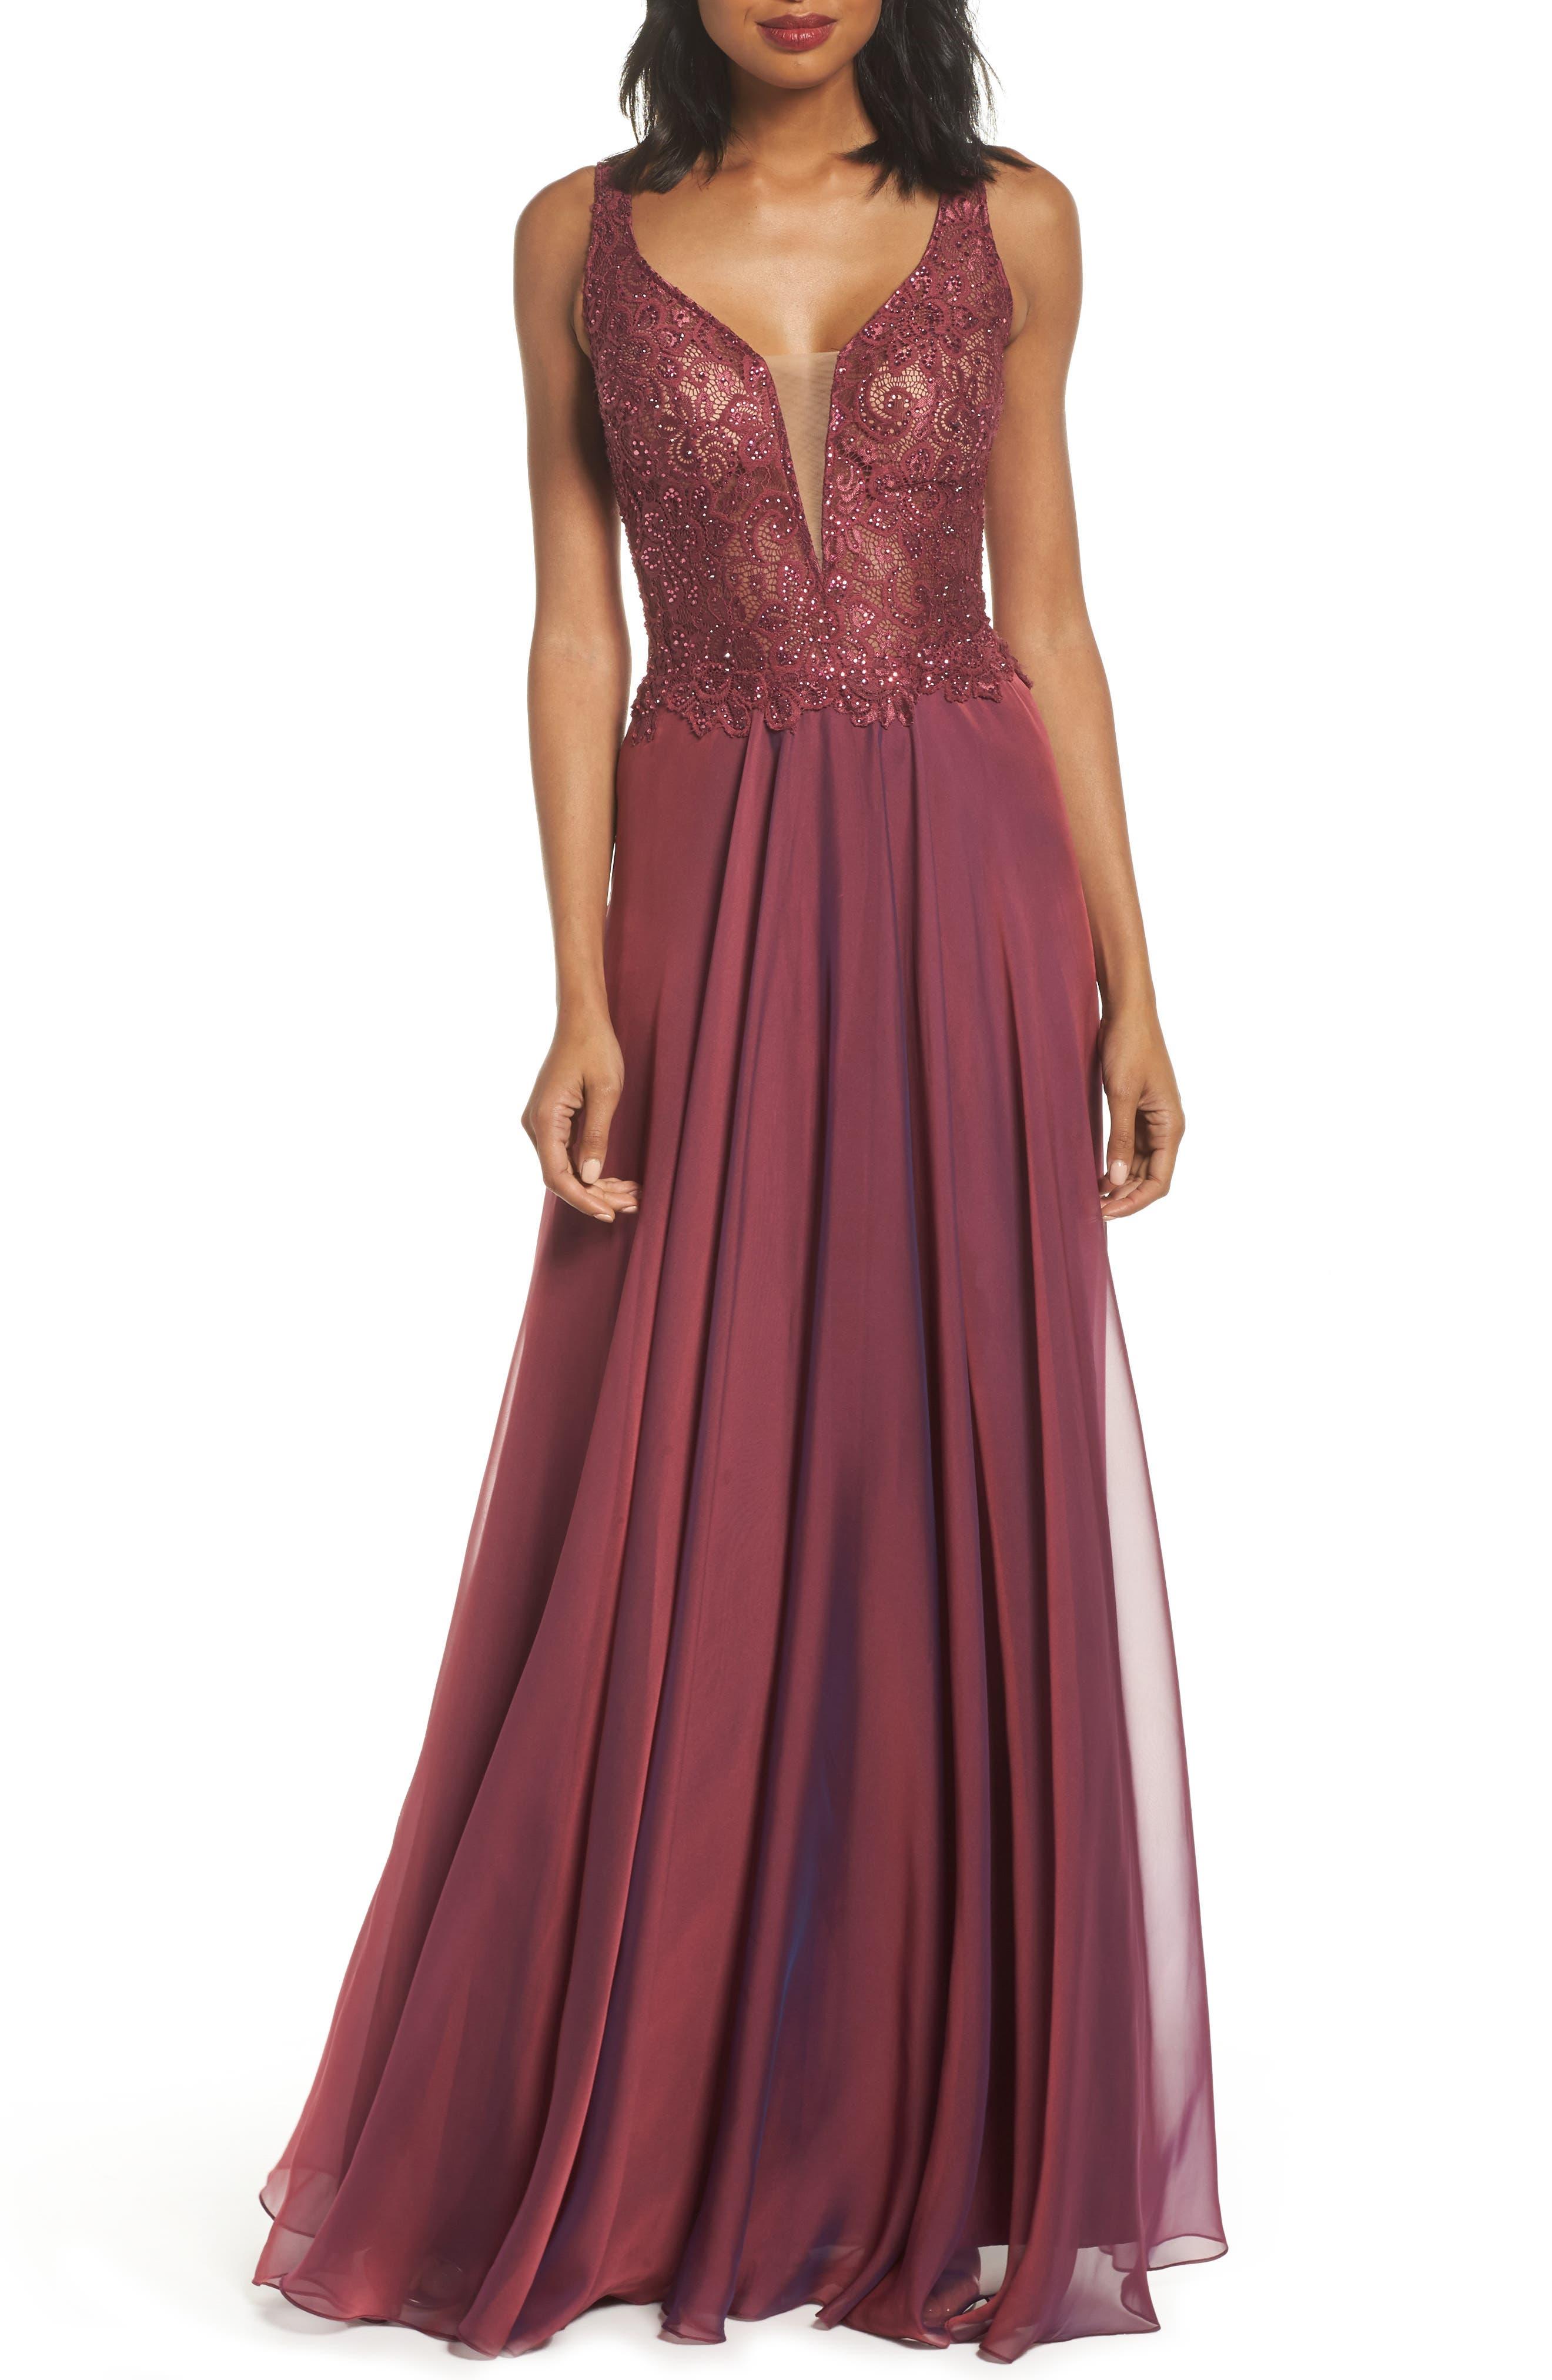 Main Image - La Femme Lace & Chiffon A-Line Gown